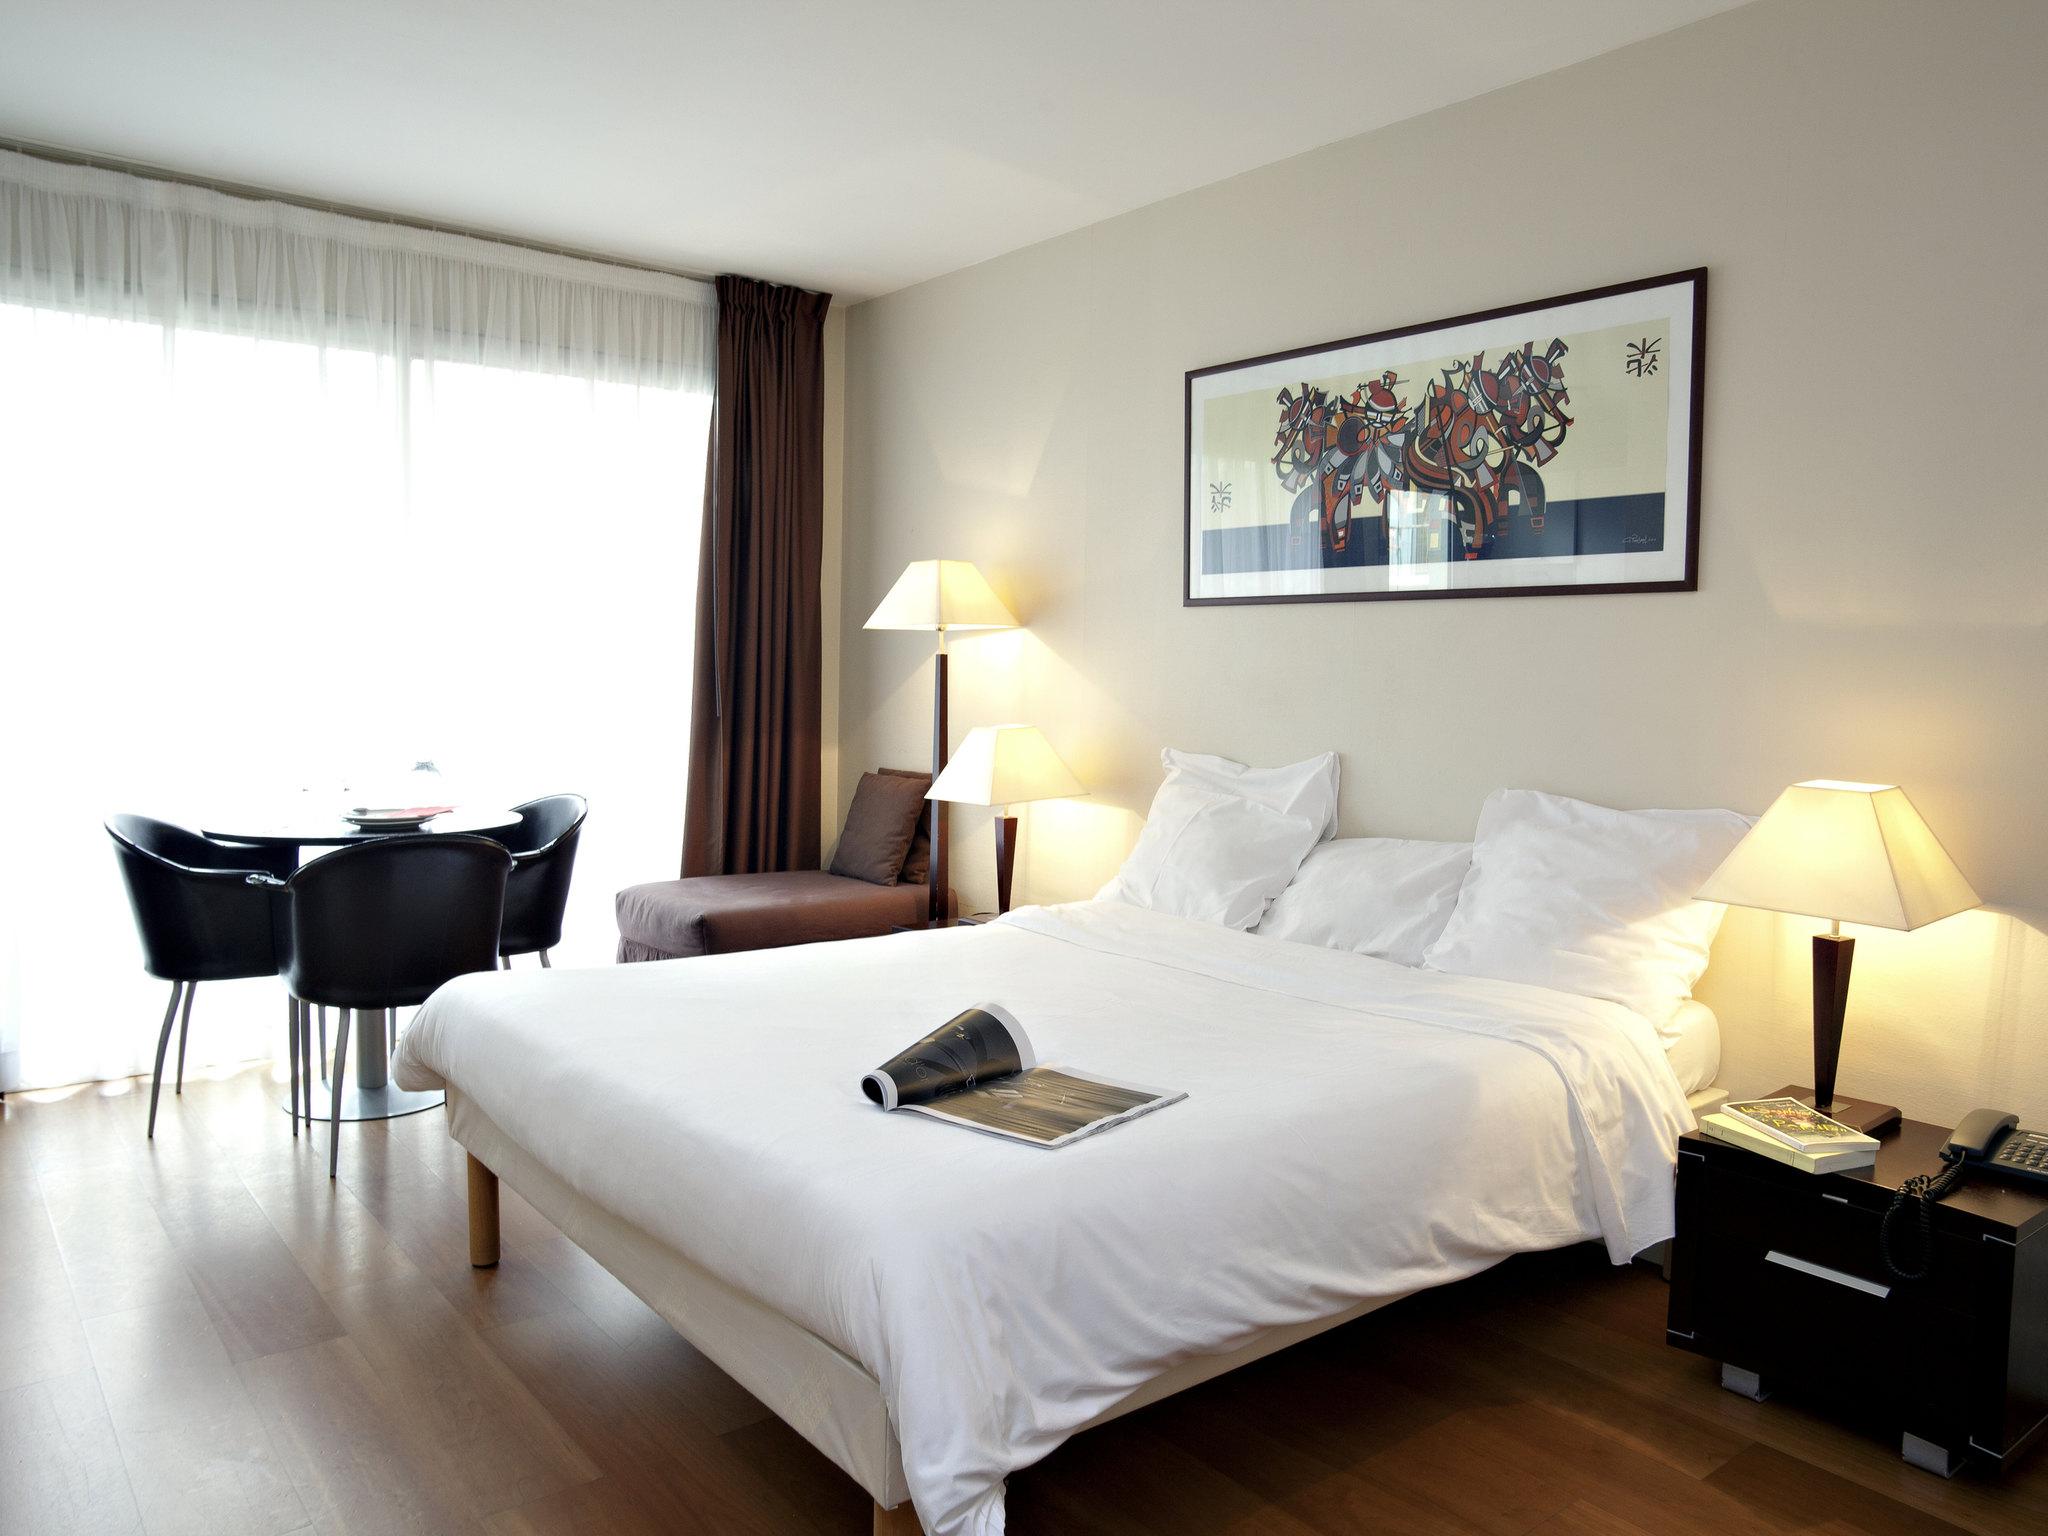 ホテル – アパートホテル アダジオアクセス パリ トゥール エッフェル サンシャルル